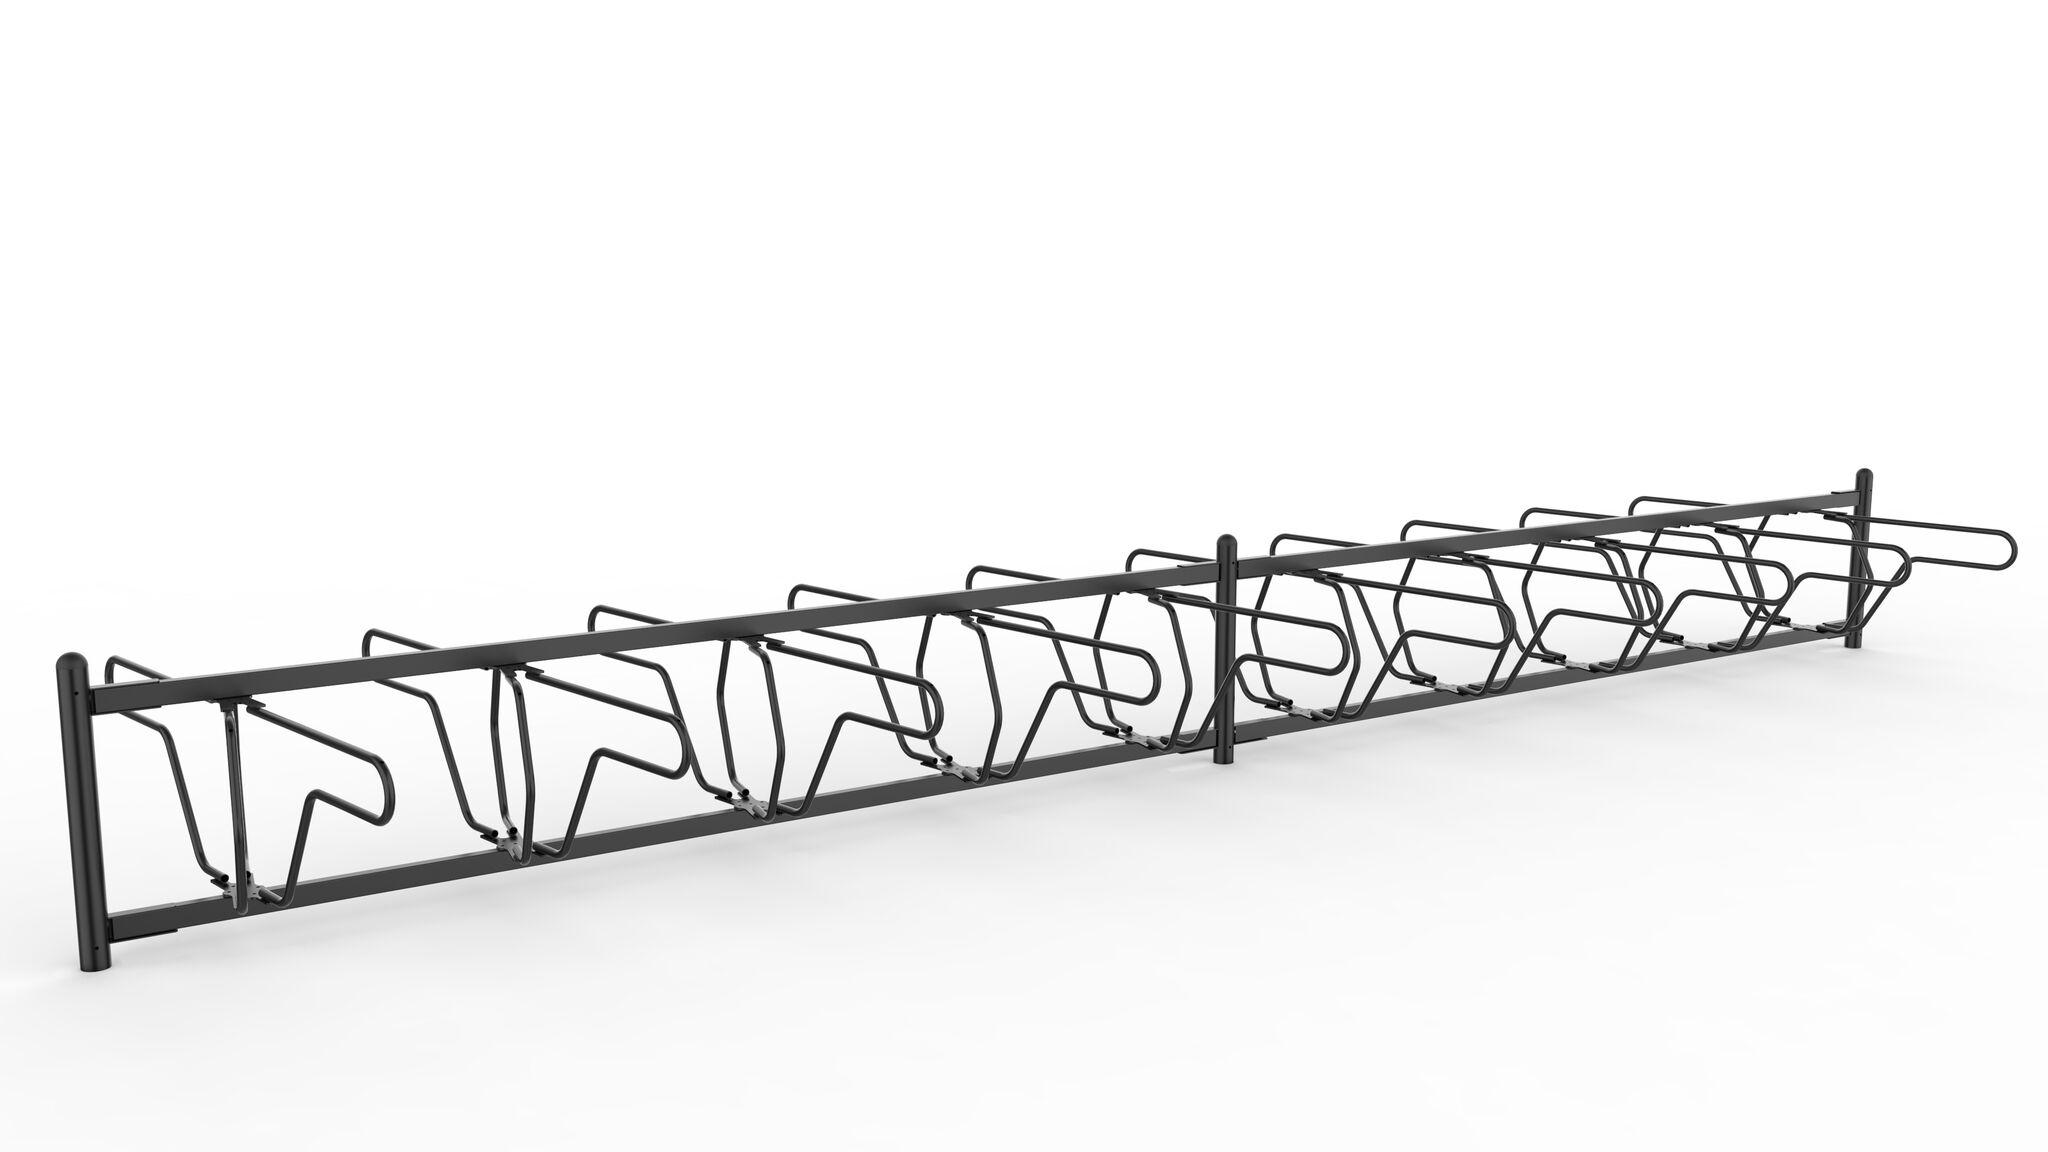 Cykelställ DELTA med ramlåsning från Cyklos i vit bakgrund